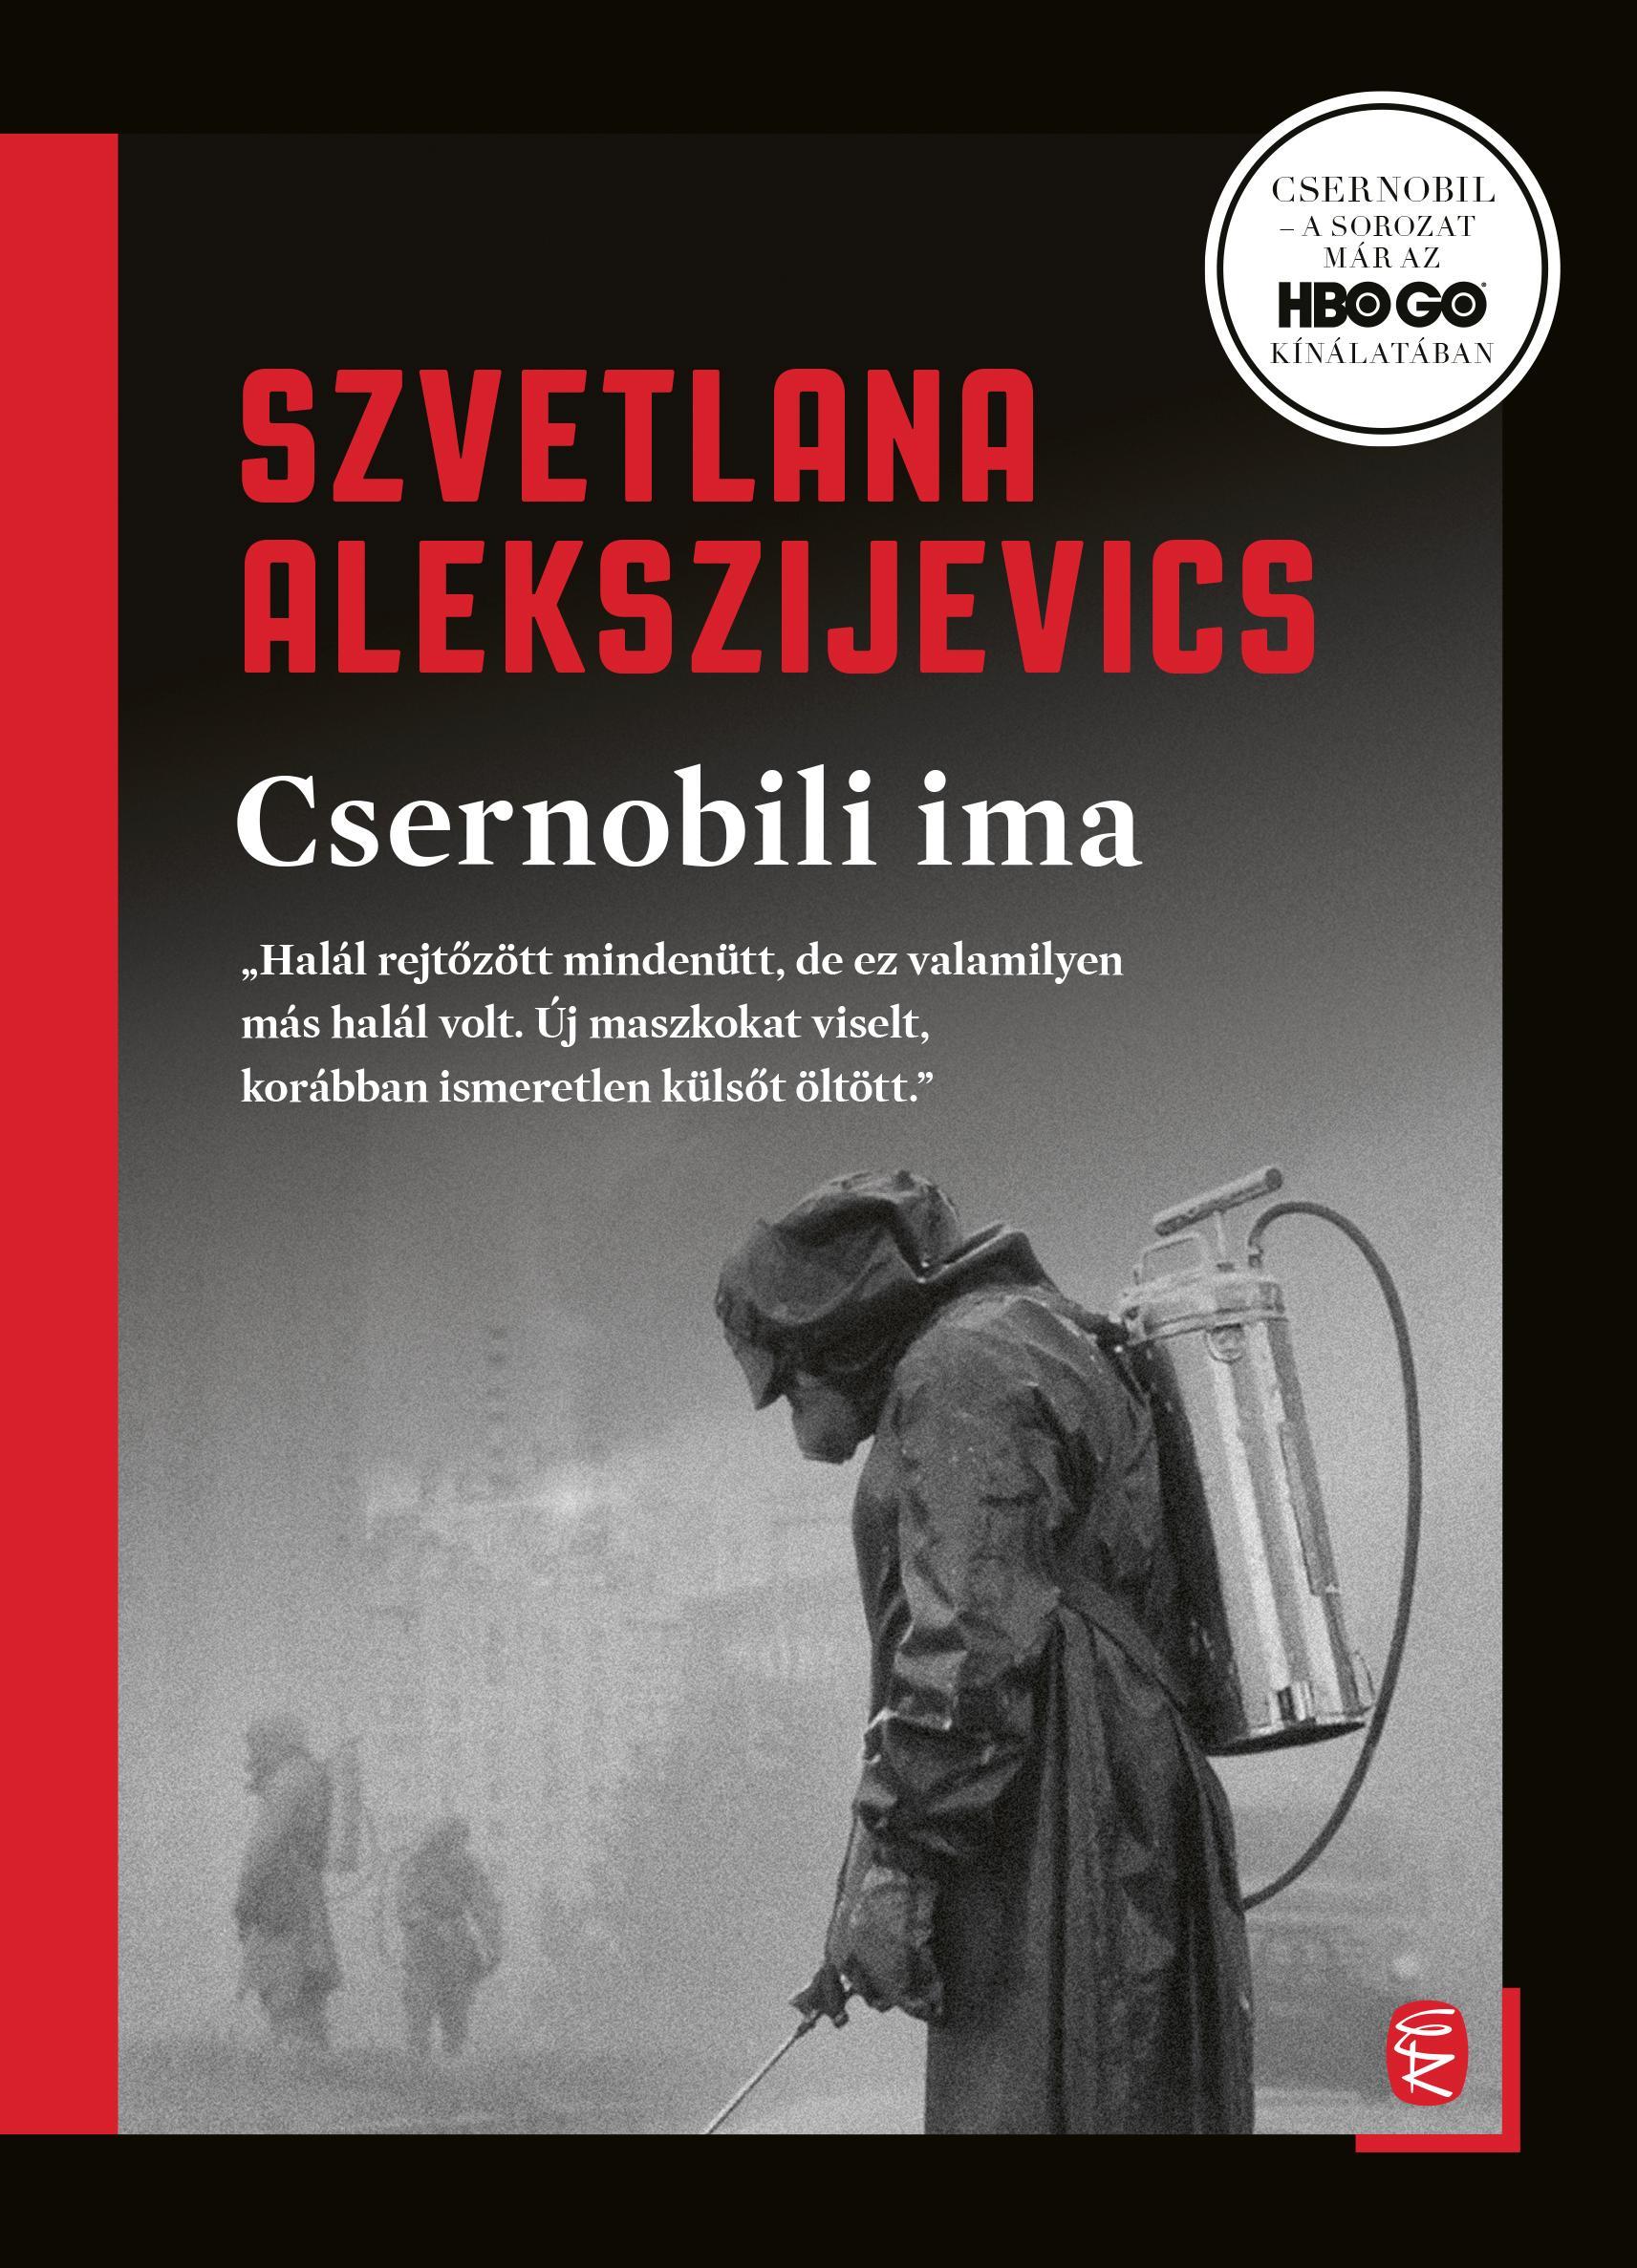 csernobili_ima02.jpg